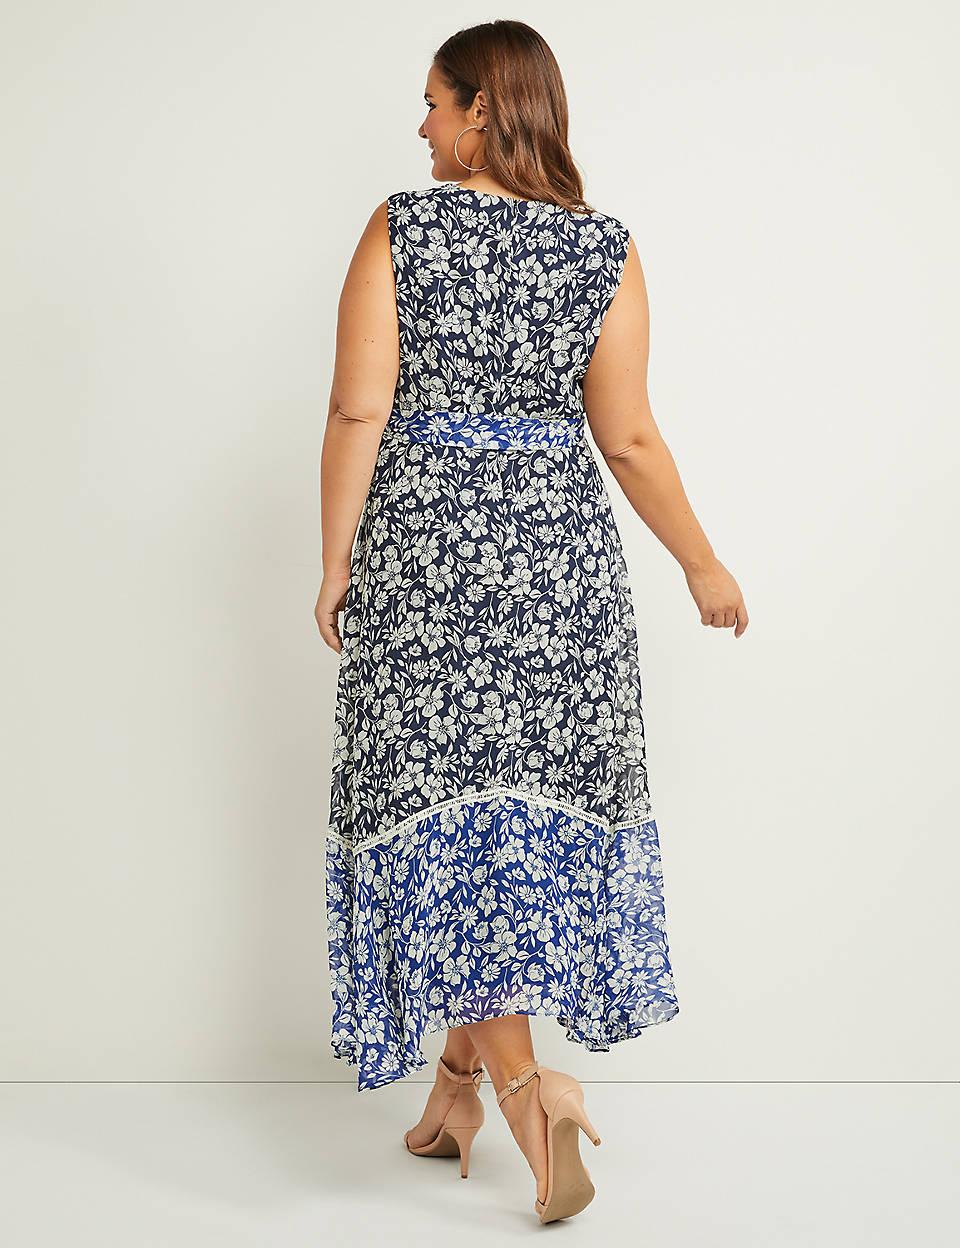 cc74f0757d22 Floral Faux-Wrap Fit & Flare Maxi Dress   Lane Bryant